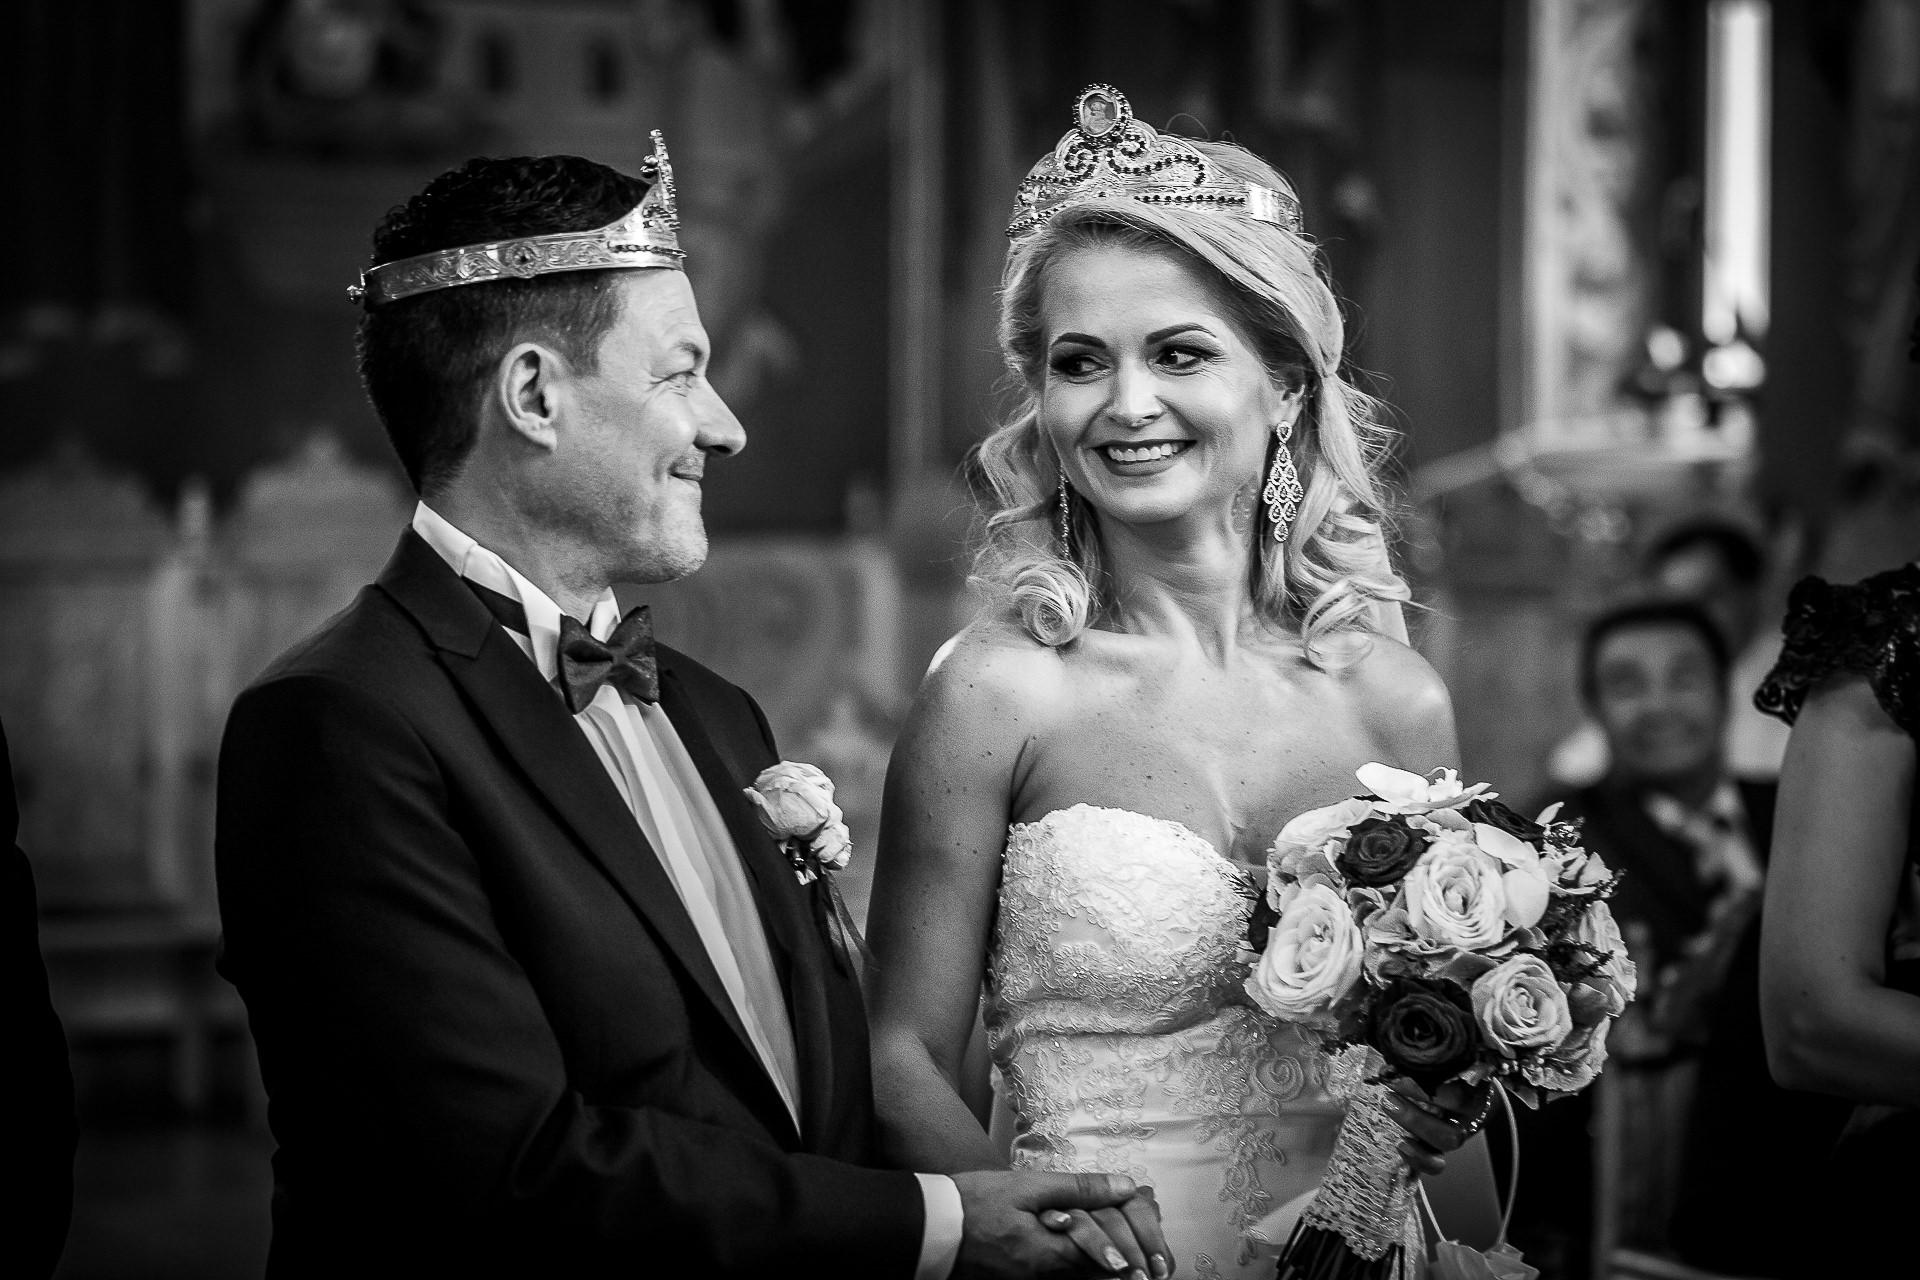 Fotograf nuntă Bucureşti - Biserica Militara Sfântul Mina + Metropolitan Club and Events - Marinela şi Pasquale - Mihai Zaharia Photography - 29